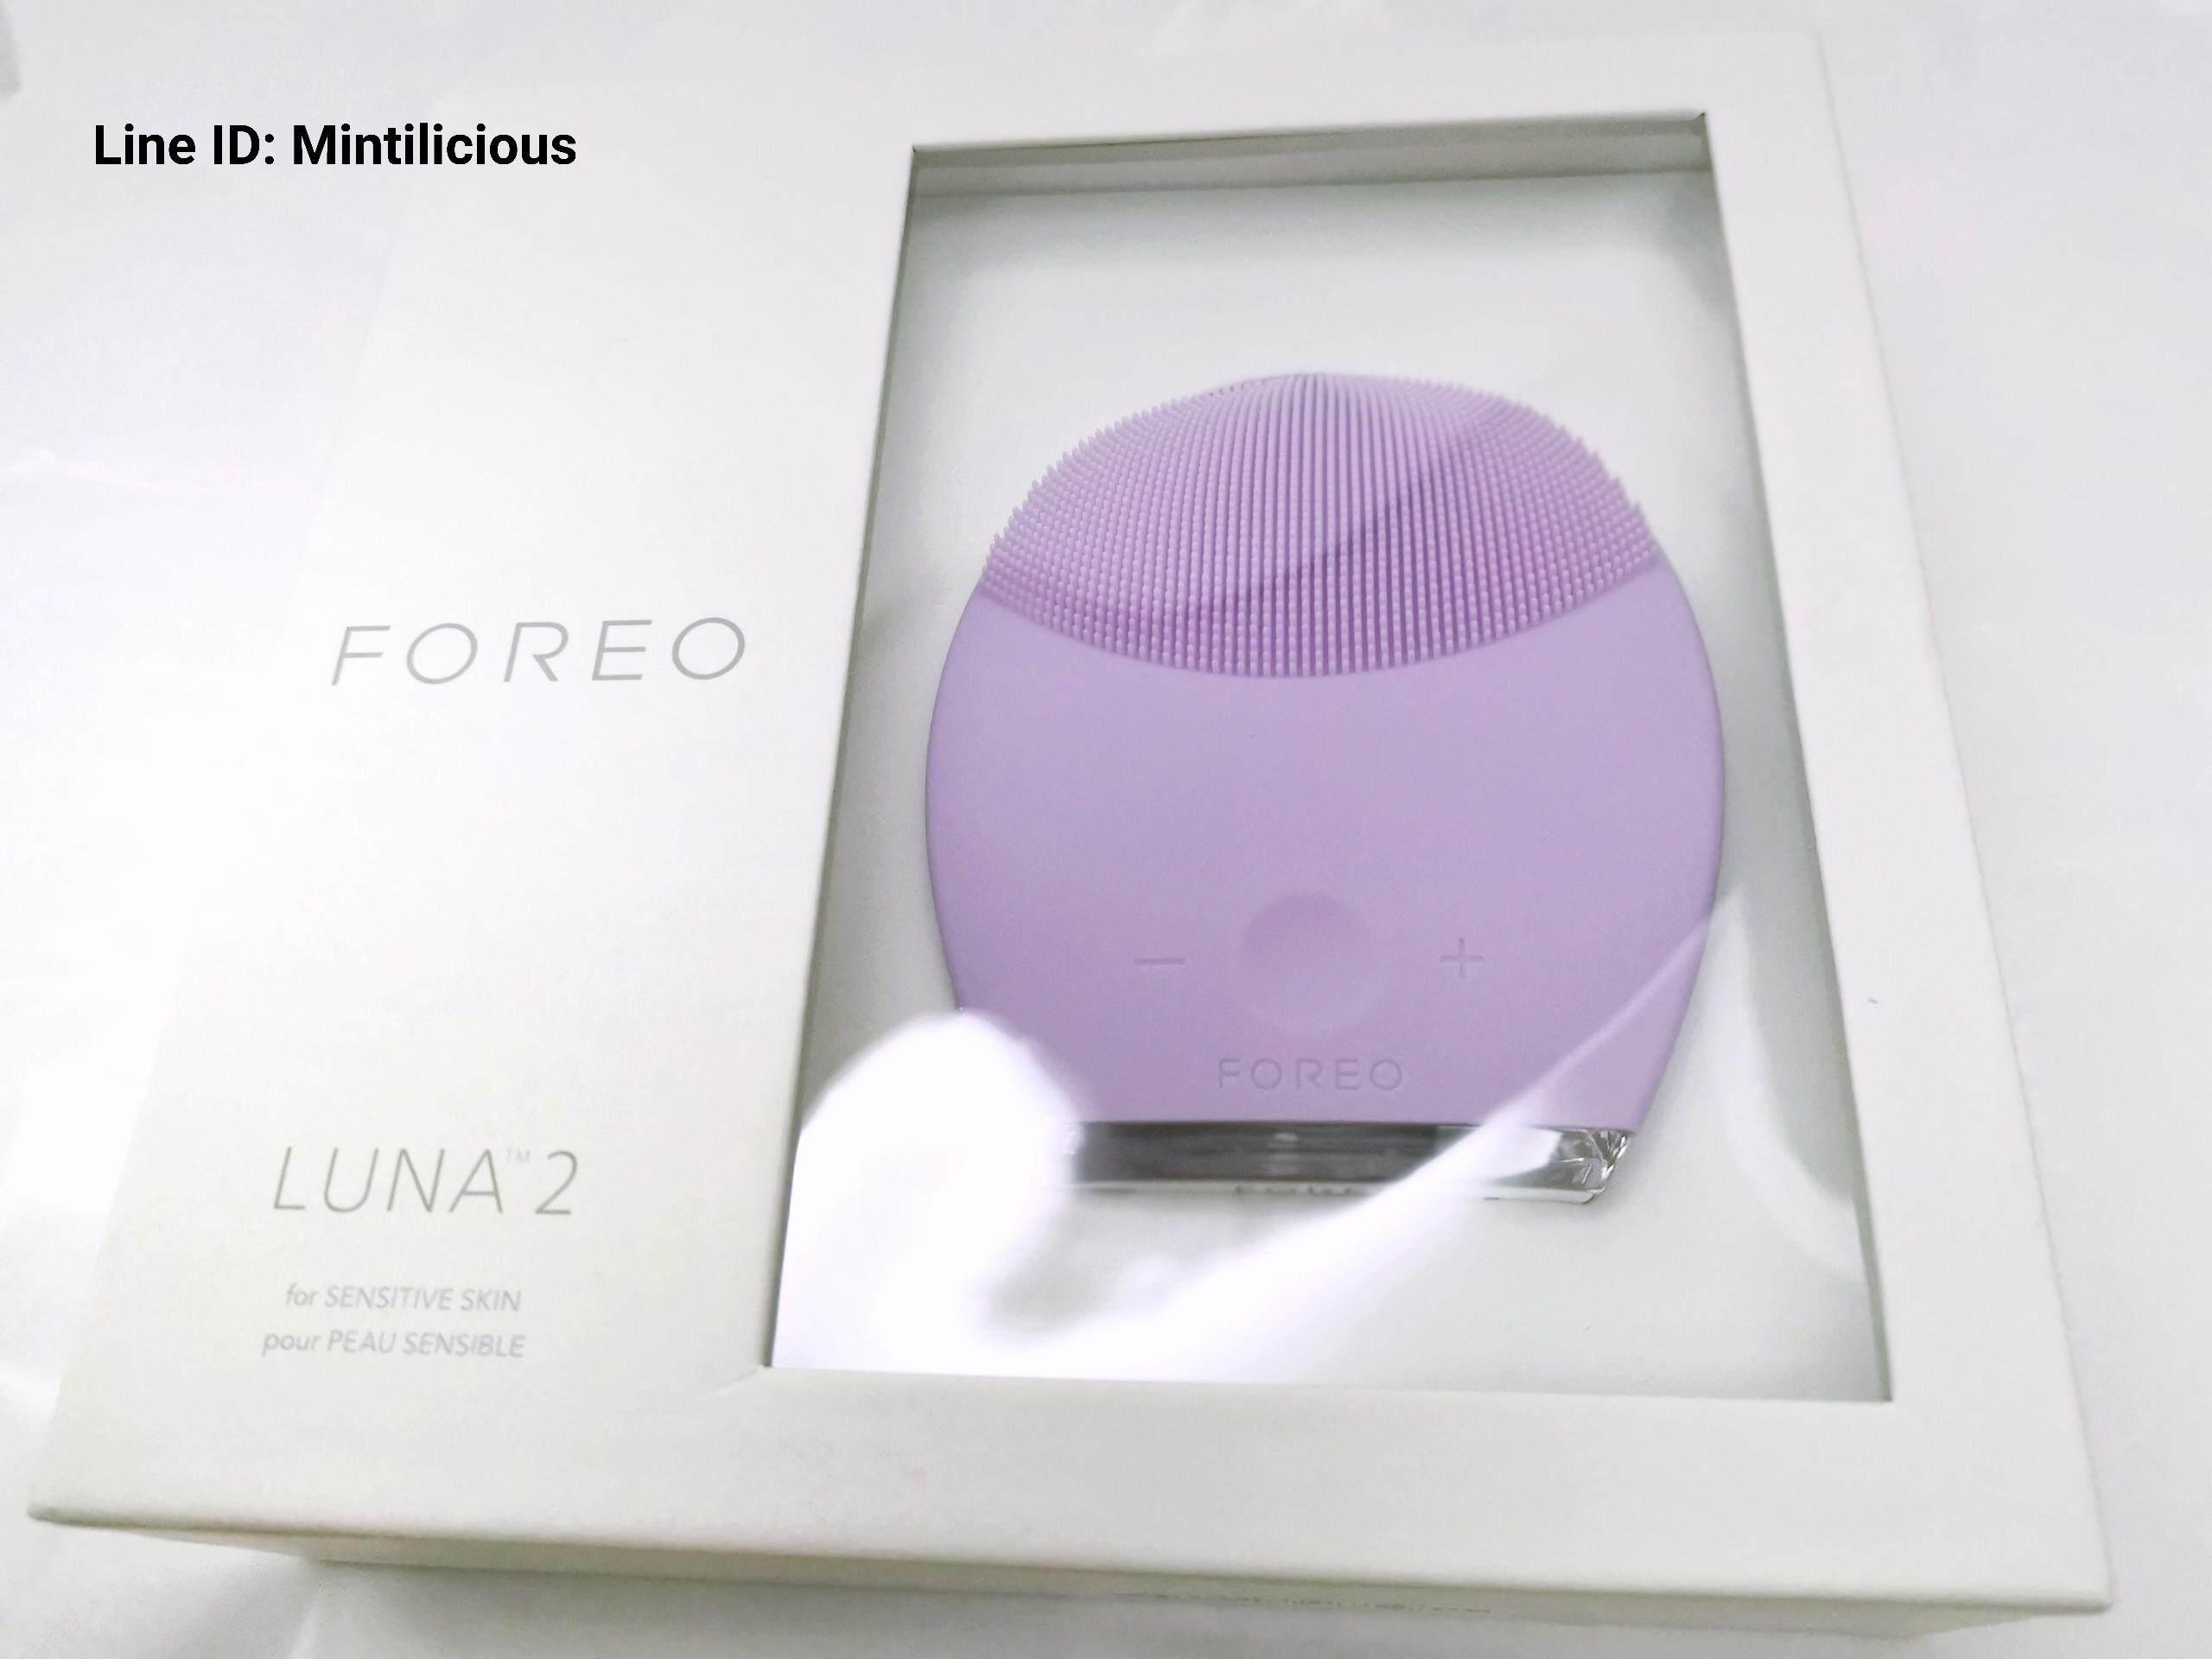 การใช้งาน  อุตรดิตถ์ Foreo Luna 2 ของแท้ พร้อมส่ง